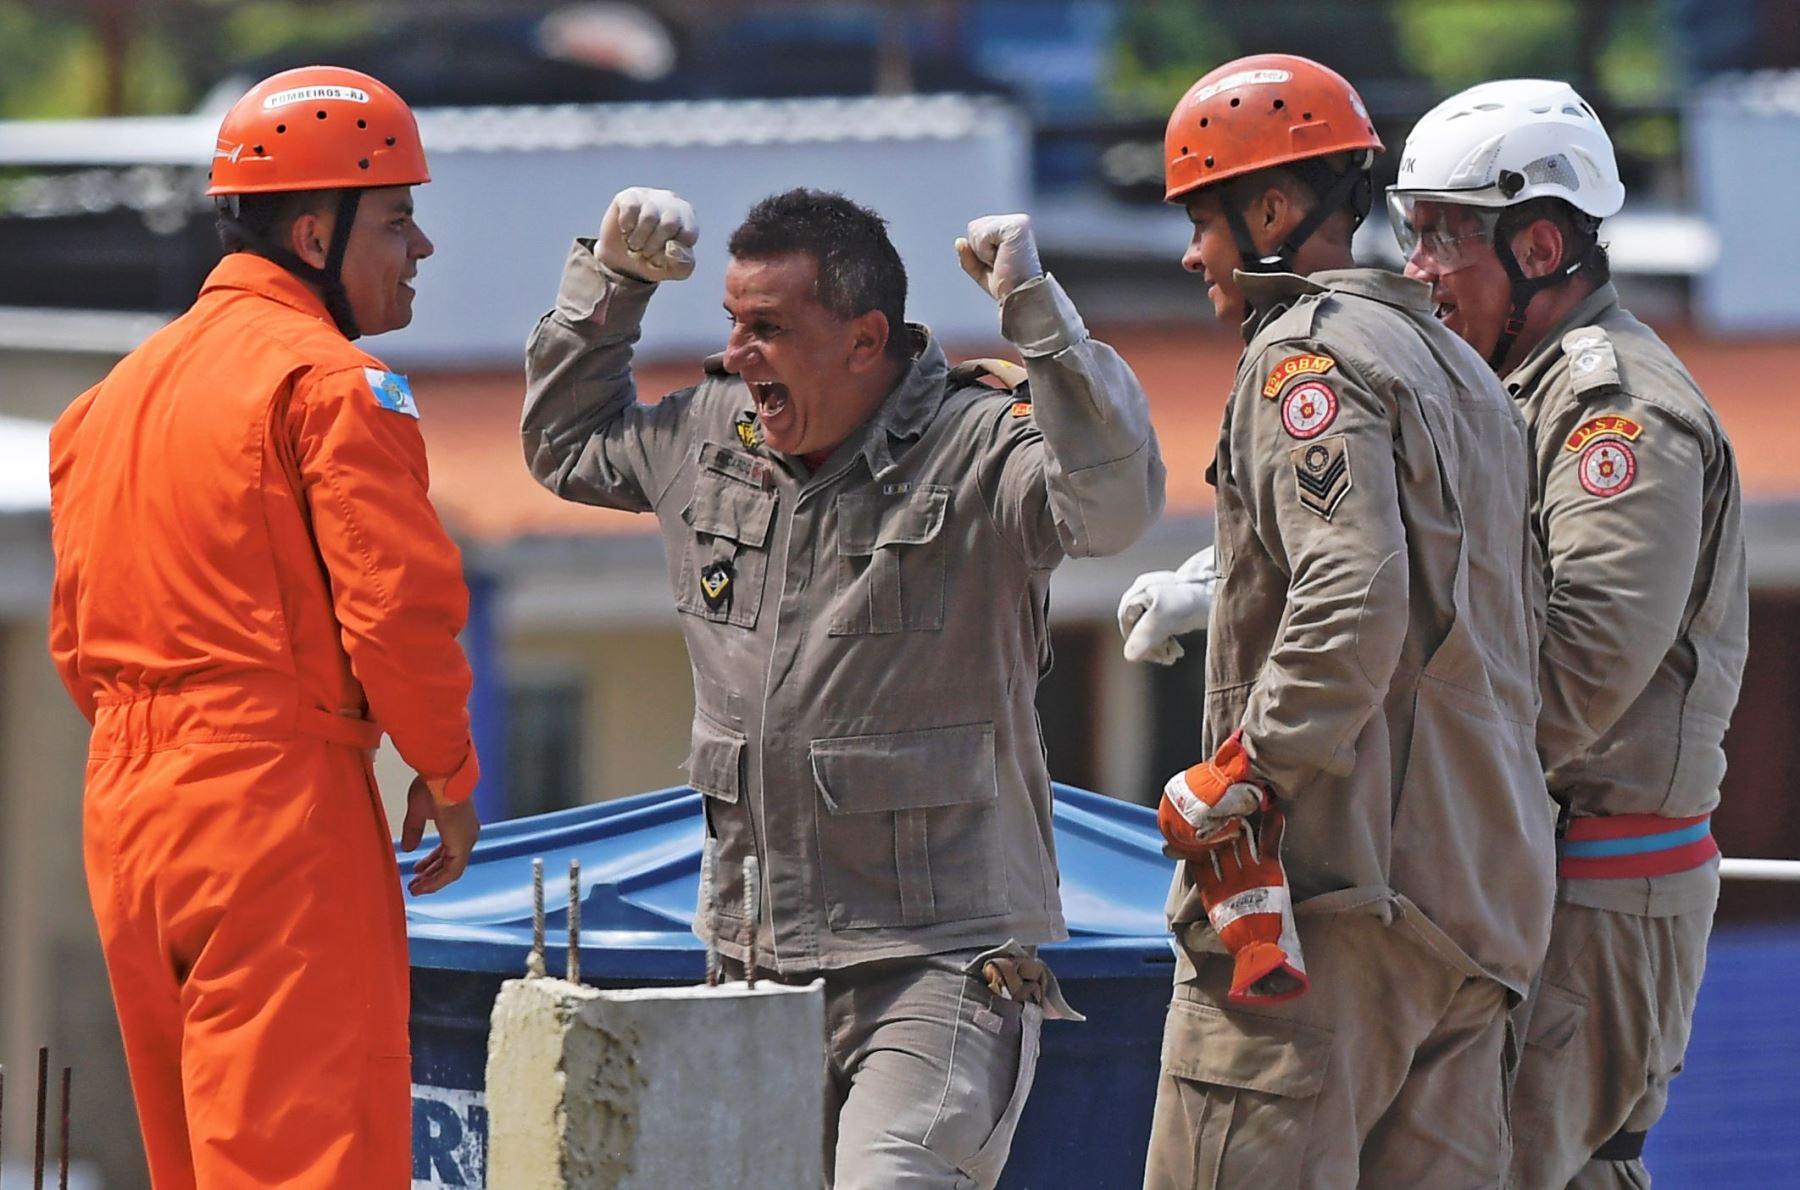 Los rescatistas celebran después de llevar a una persona herida en un colapso de un edificio, en un helicóptero, en Muzema, Río de Janeiro, Brasil, el 12 de abril de 2019. Foto: AFP